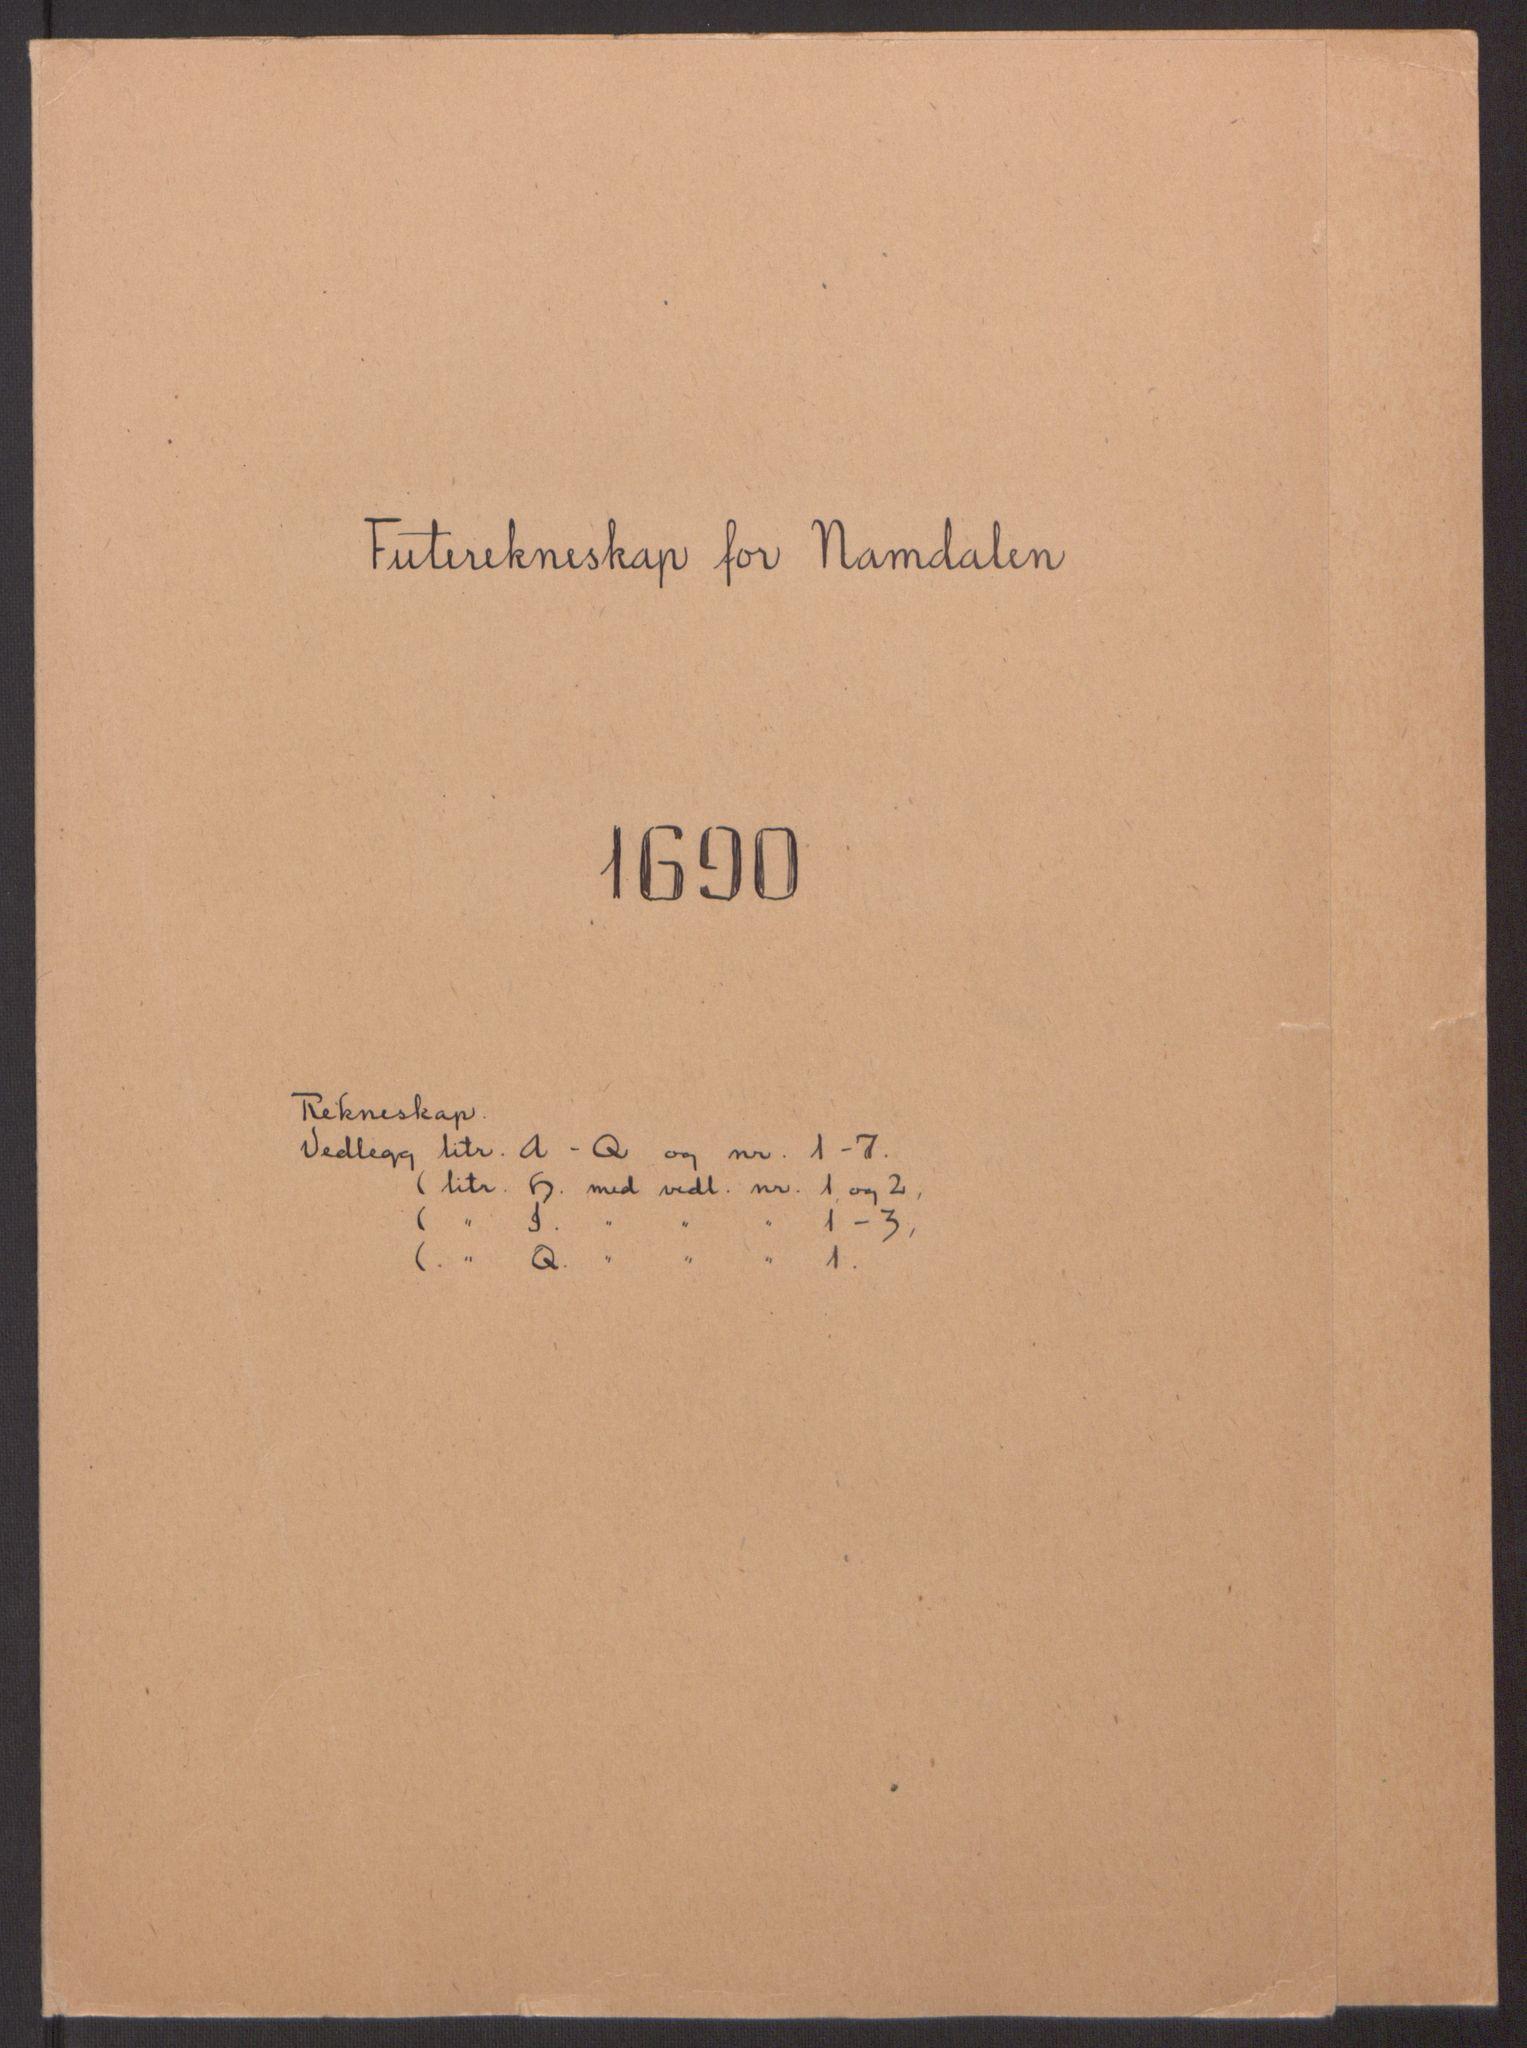 RA, Rentekammeret inntil 1814, Reviderte regnskaper, Fogderegnskap, R64/L4423: Fogderegnskap Namdal, 1690-1691, s. 2